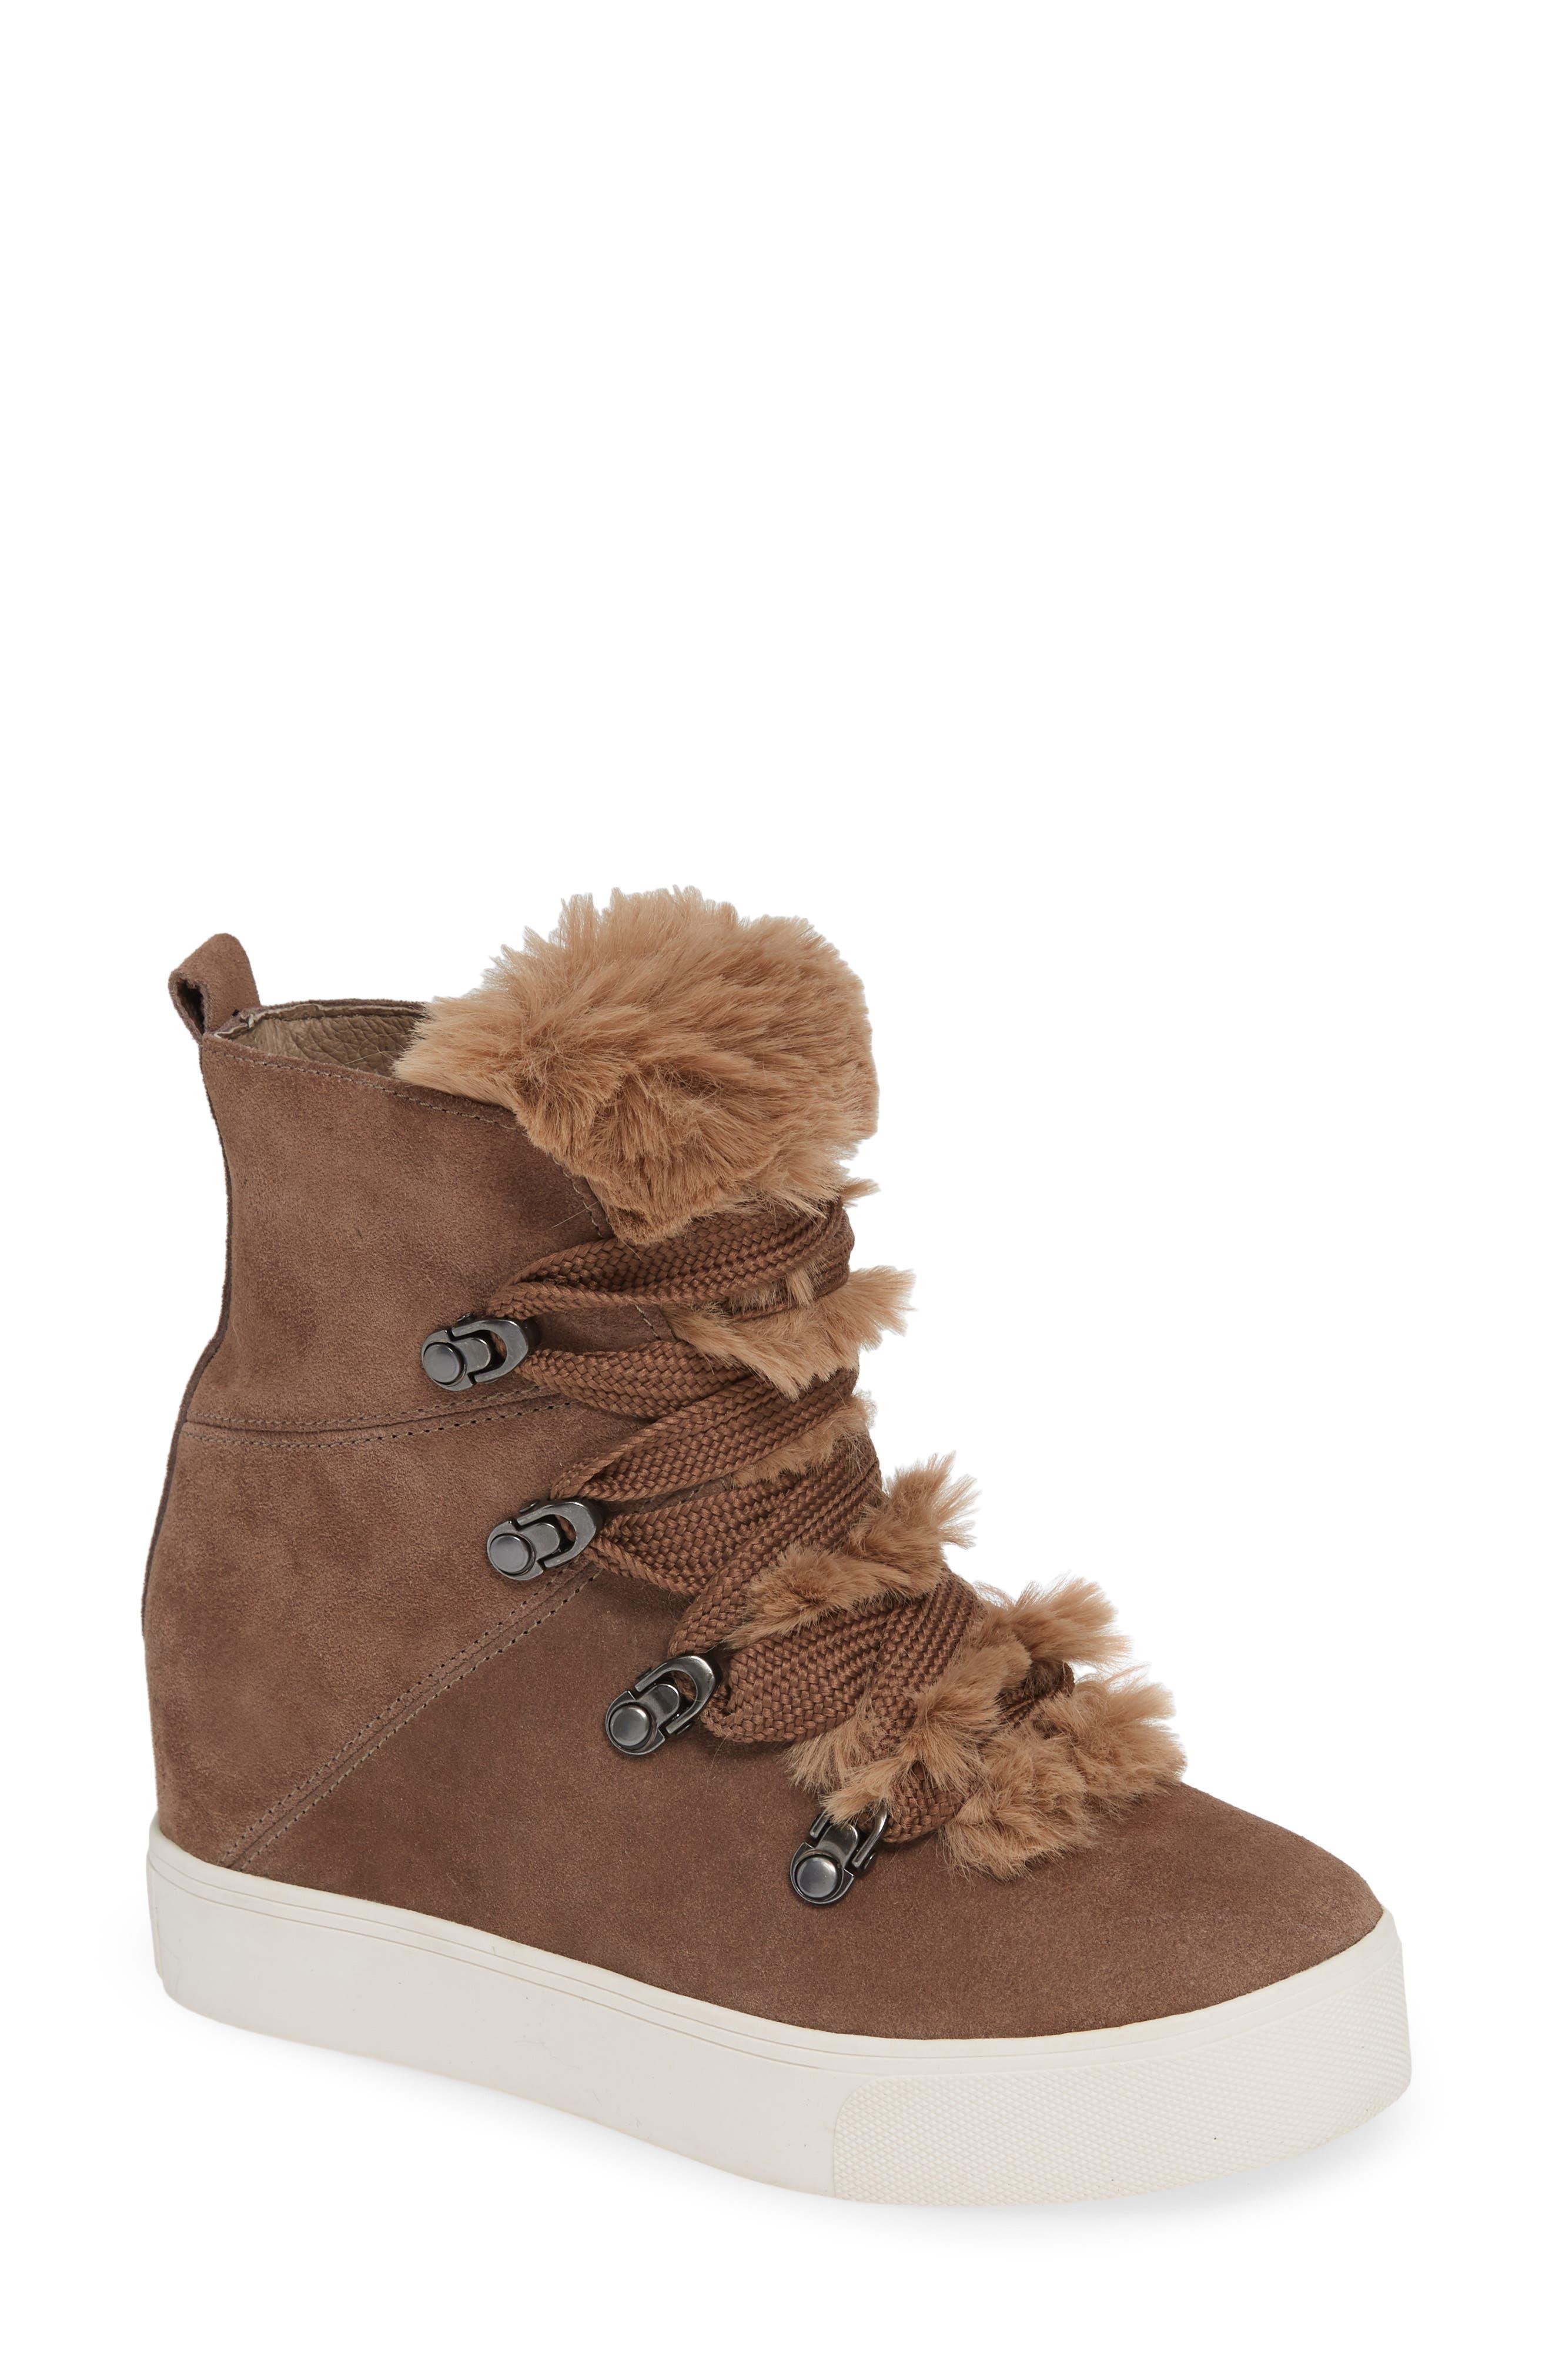 Jslides Whitney Faux Fur Trim High Top Sneaker, Beige